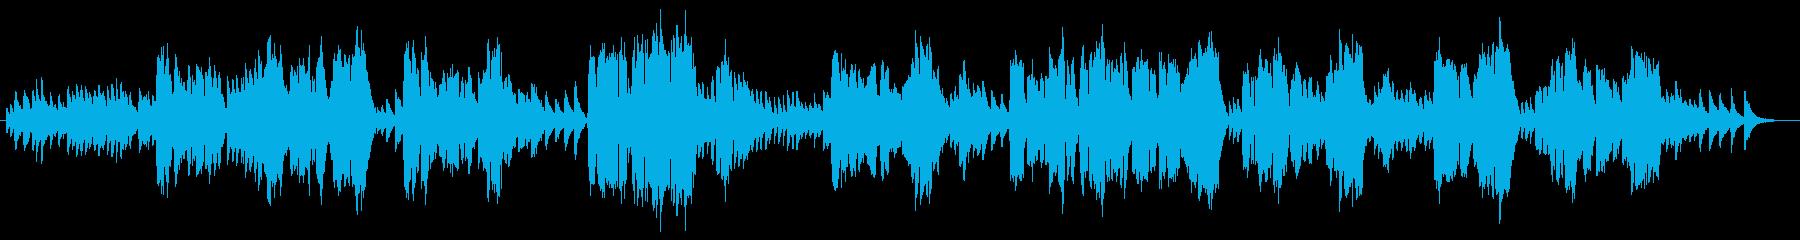 しみじみとしたクラシック風ボーカル入り曲の再生済みの波形